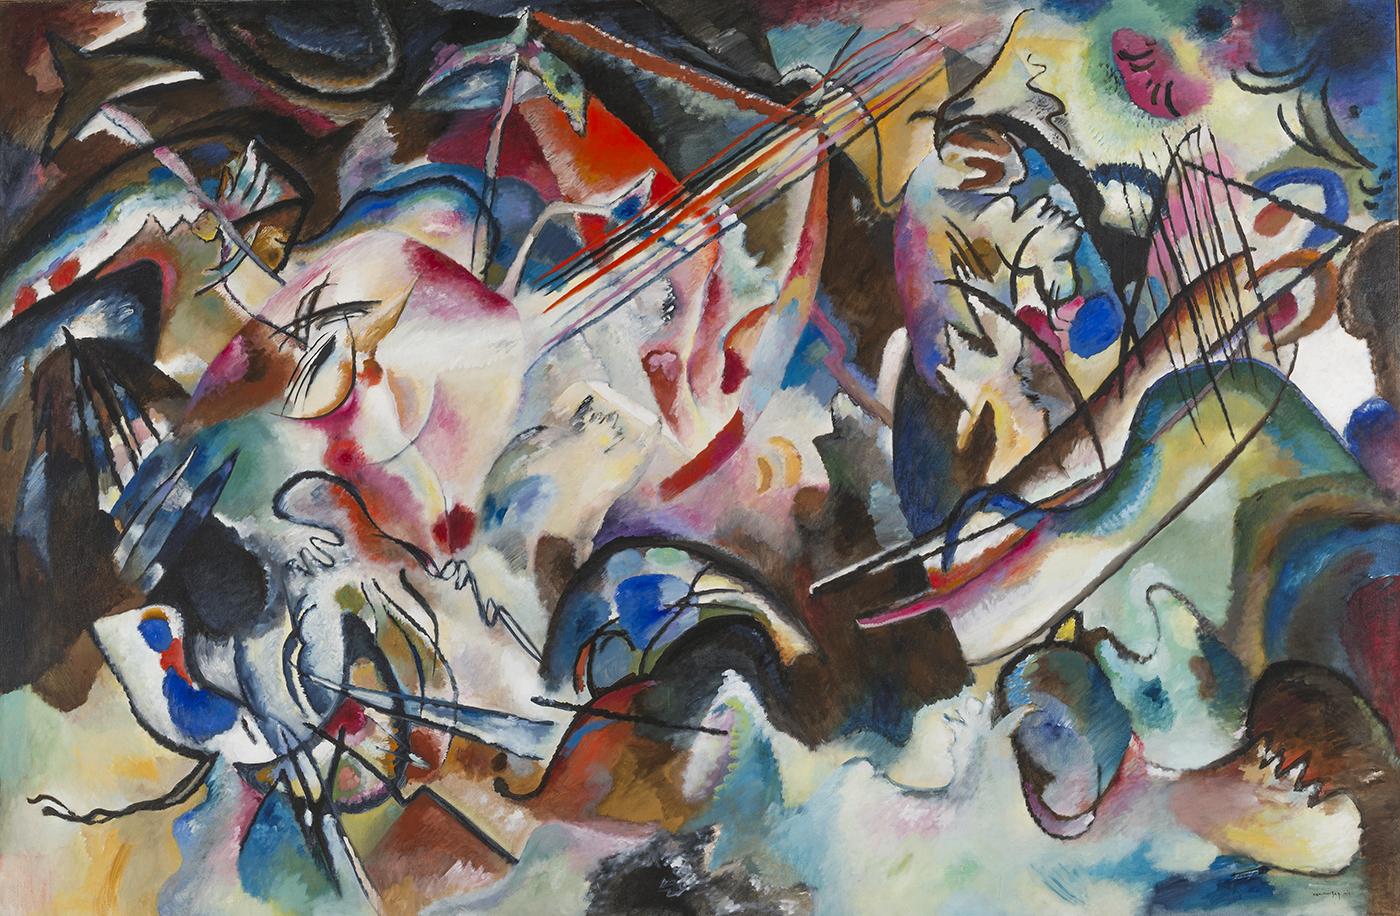 ワシリー・カンディンスキー。エルミタージュ美術館所蔵の傑作「構成6」=